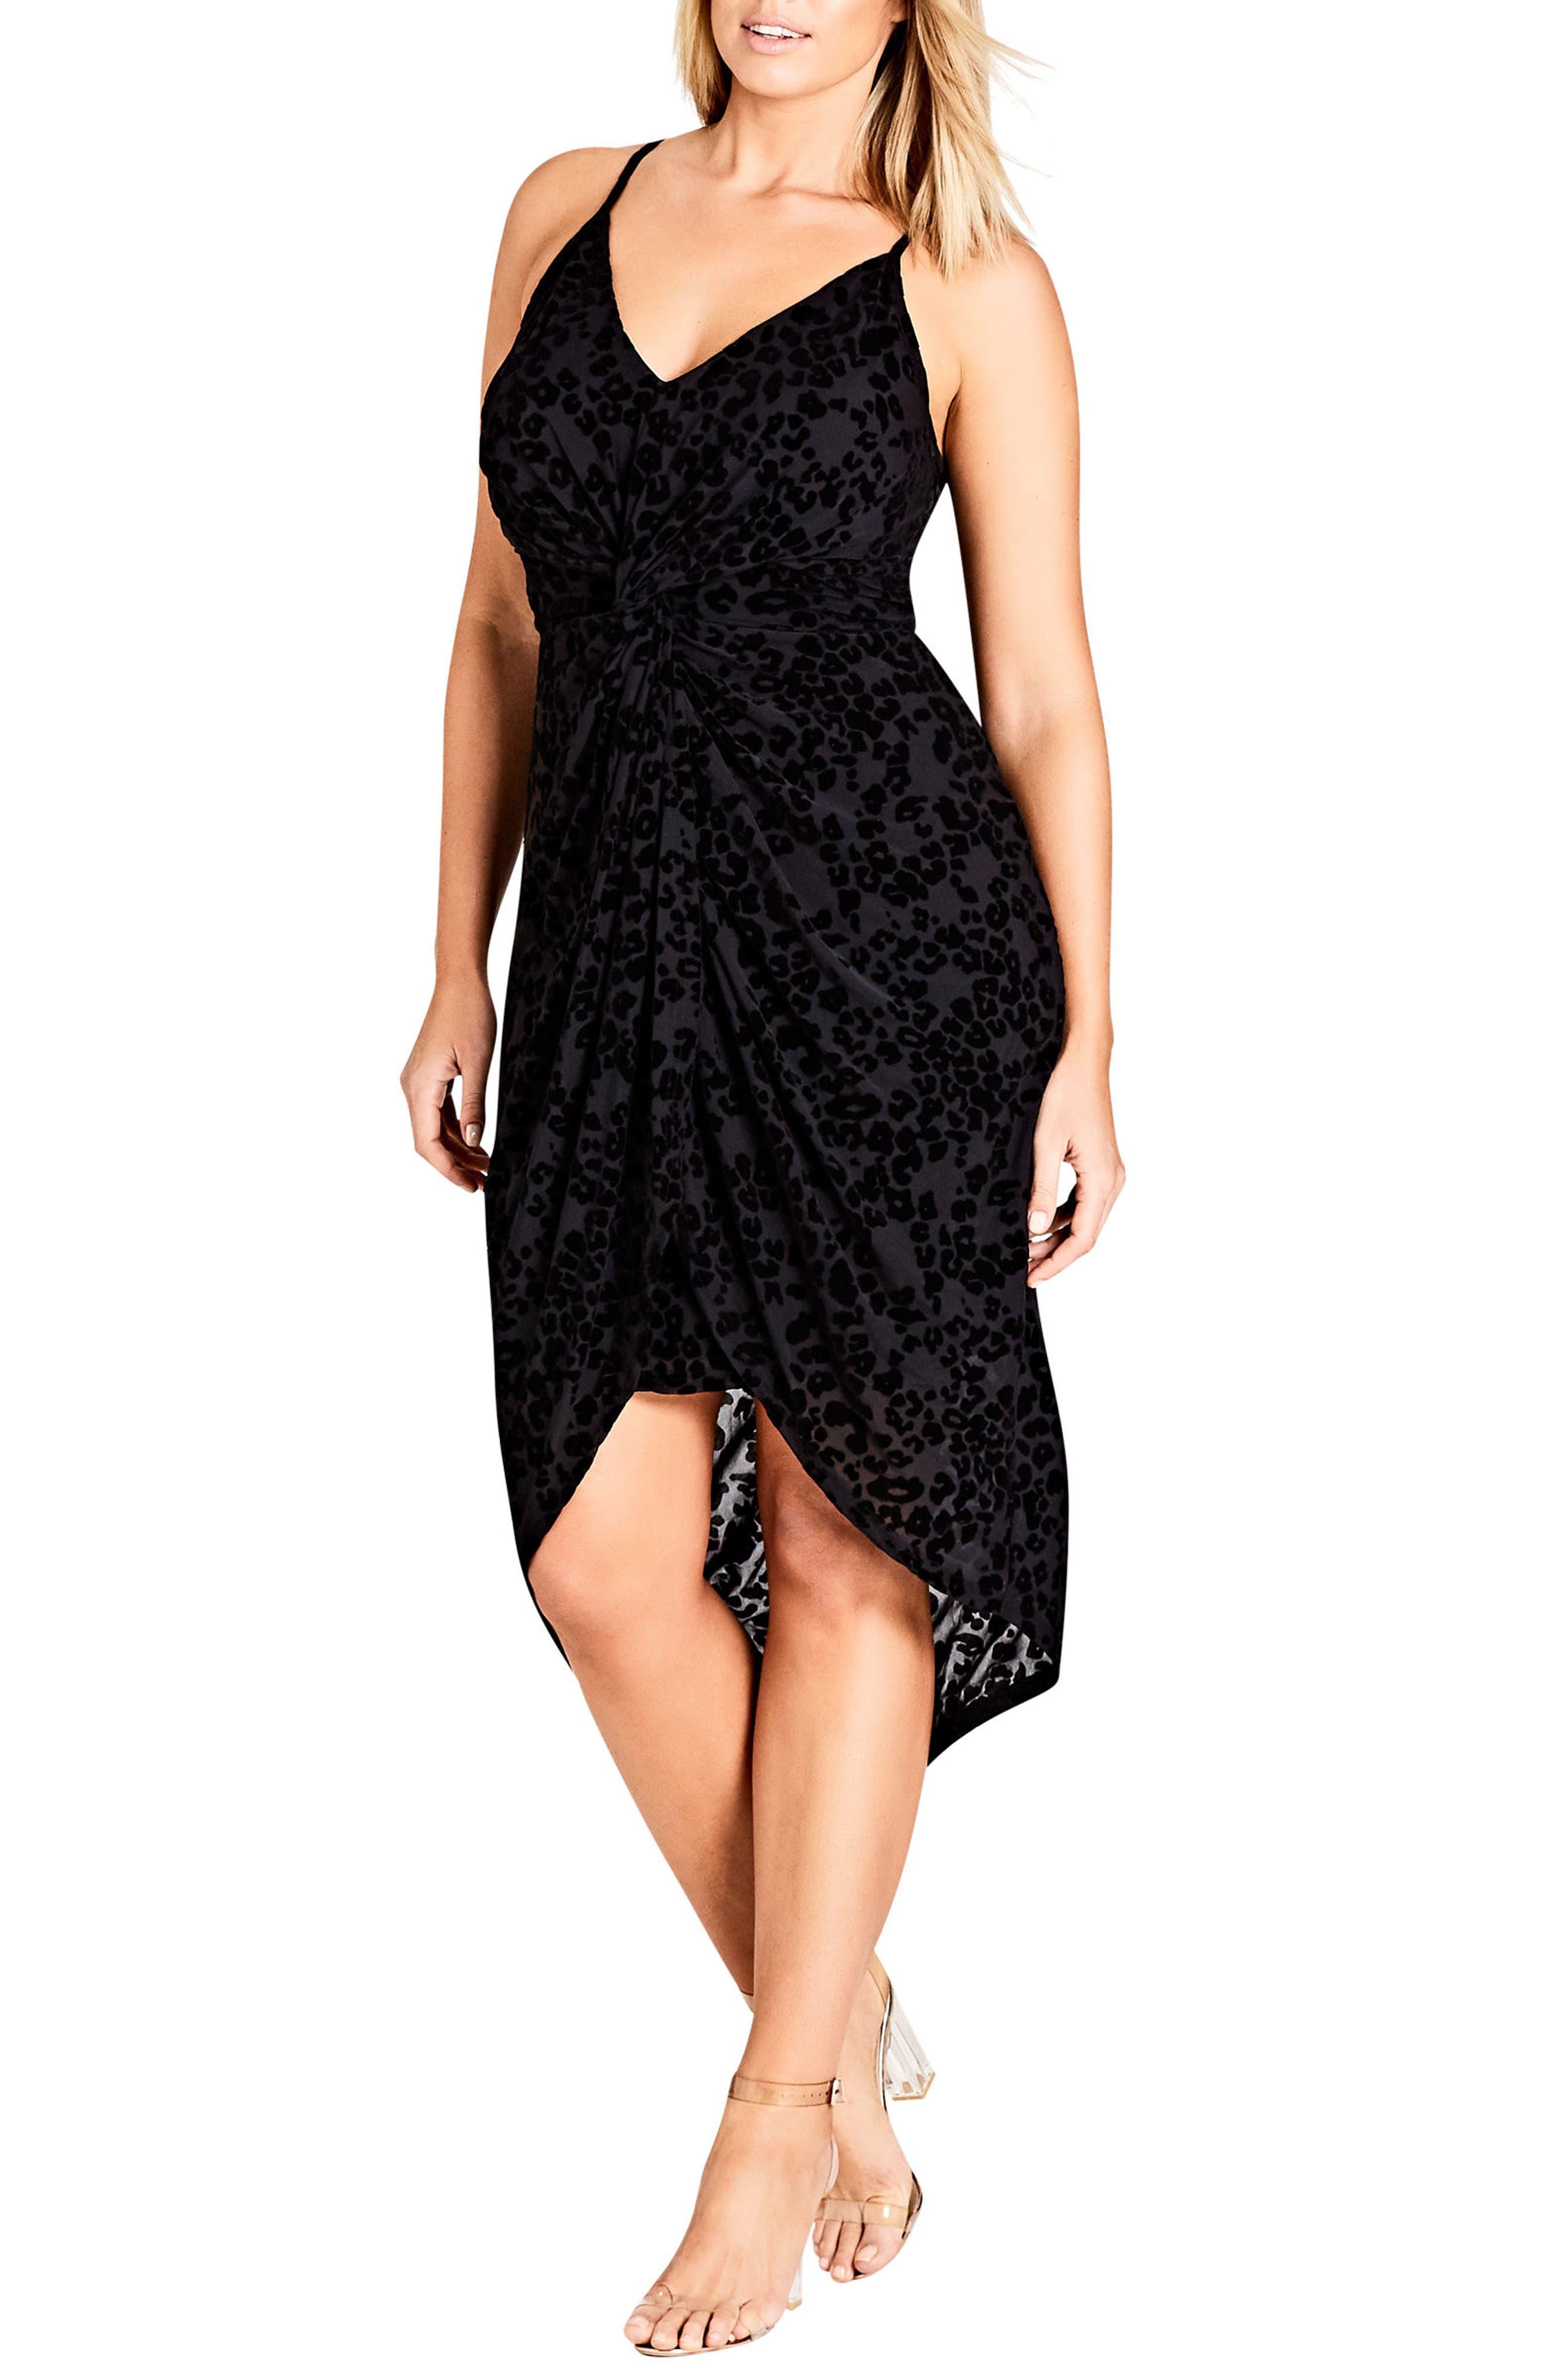 CITY CHIC, Mod Drape Dress, Main thumbnail 1, color, BLACK